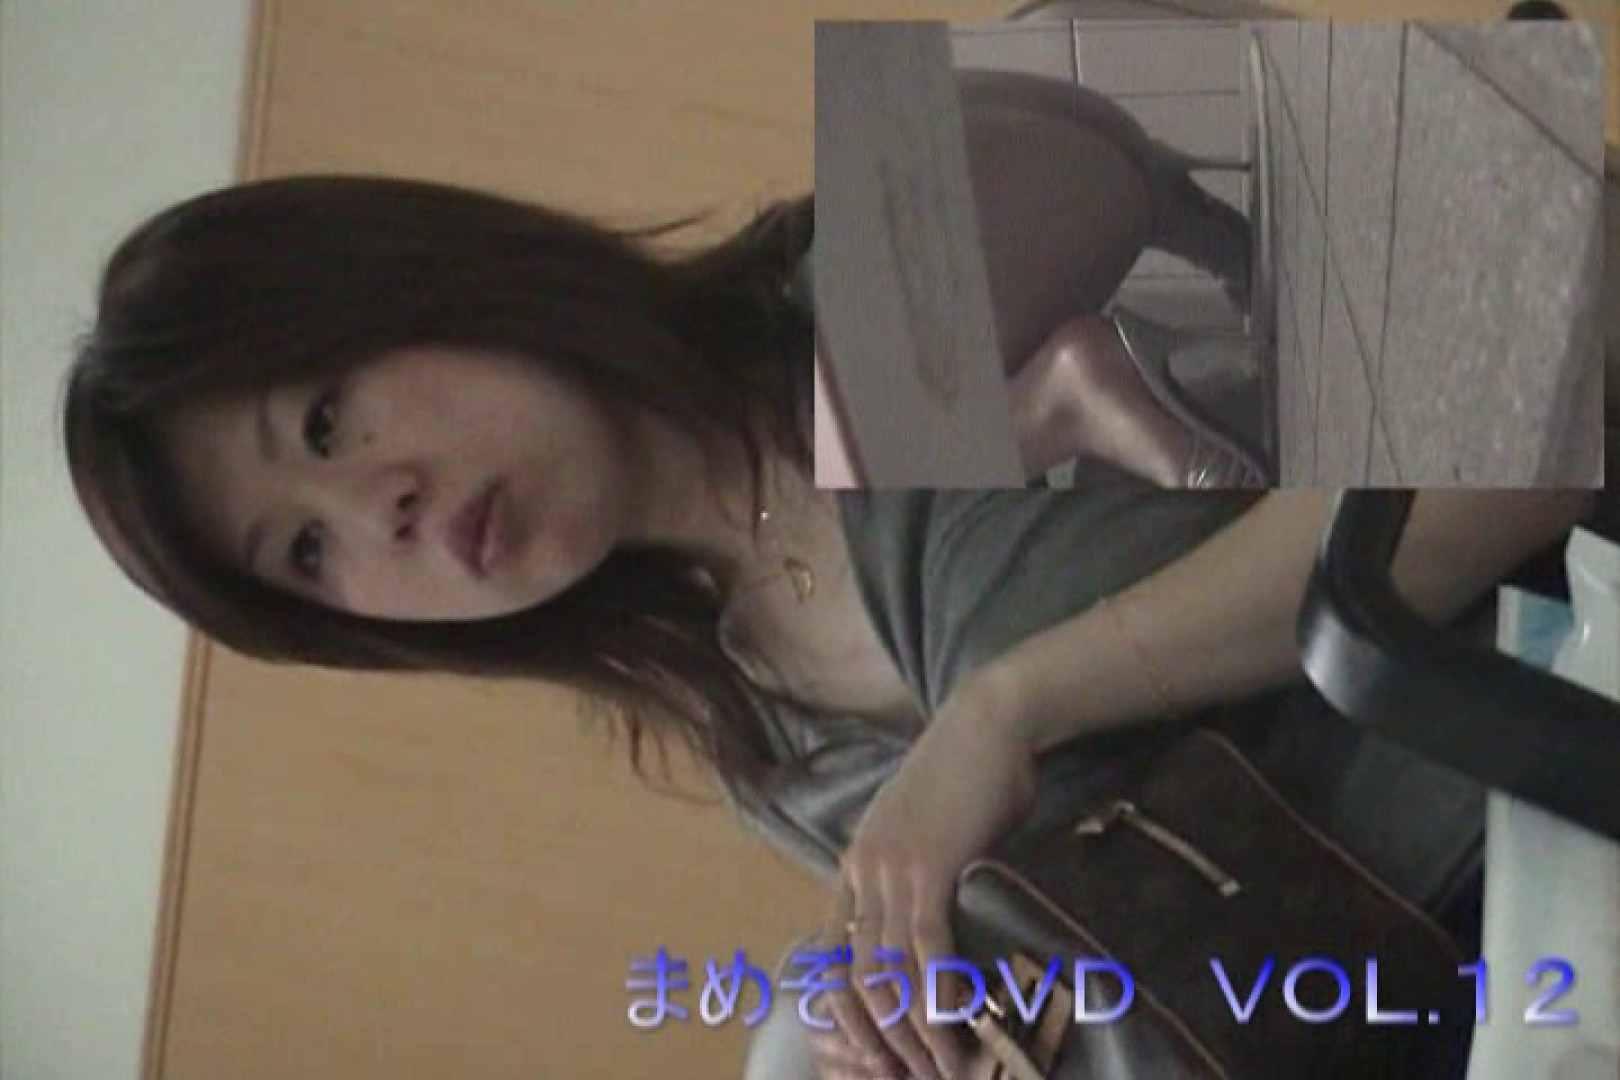 まめぞうDVD完全版VOL.12 OL   ギャル・コレクション  63連発 8